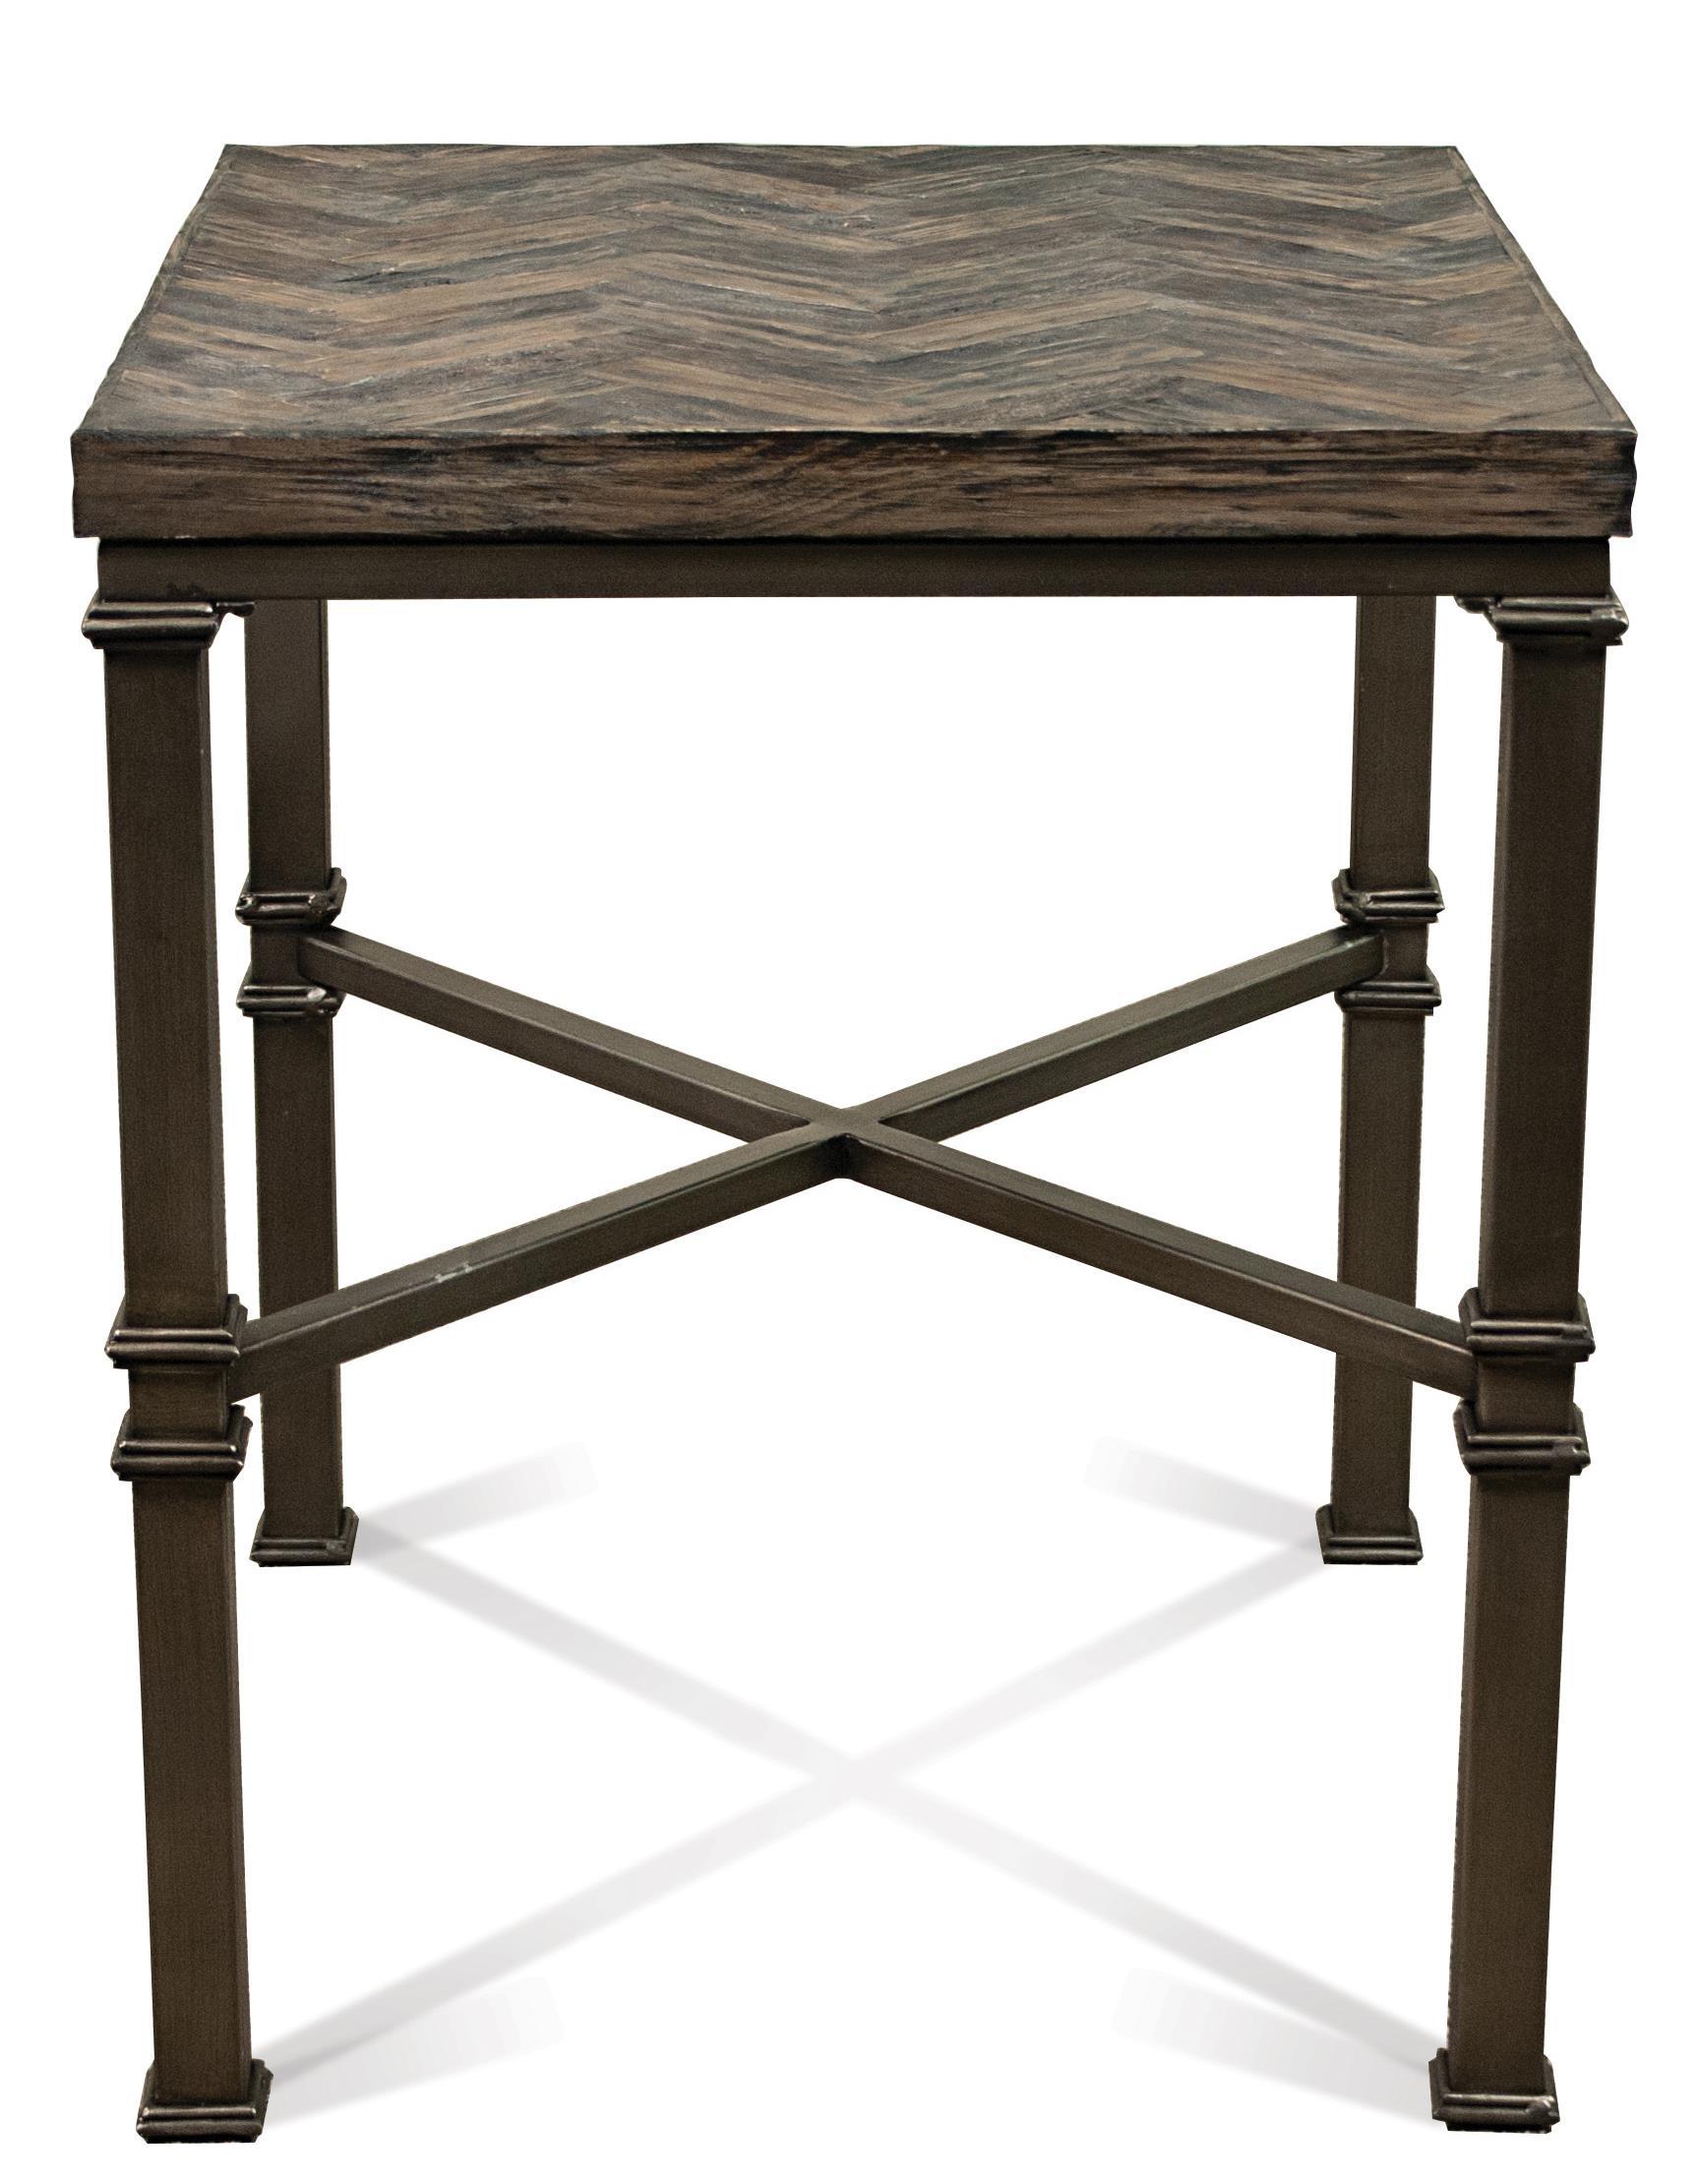 Riverside Furniture Bridlewood Side Table - Item Number: 22209